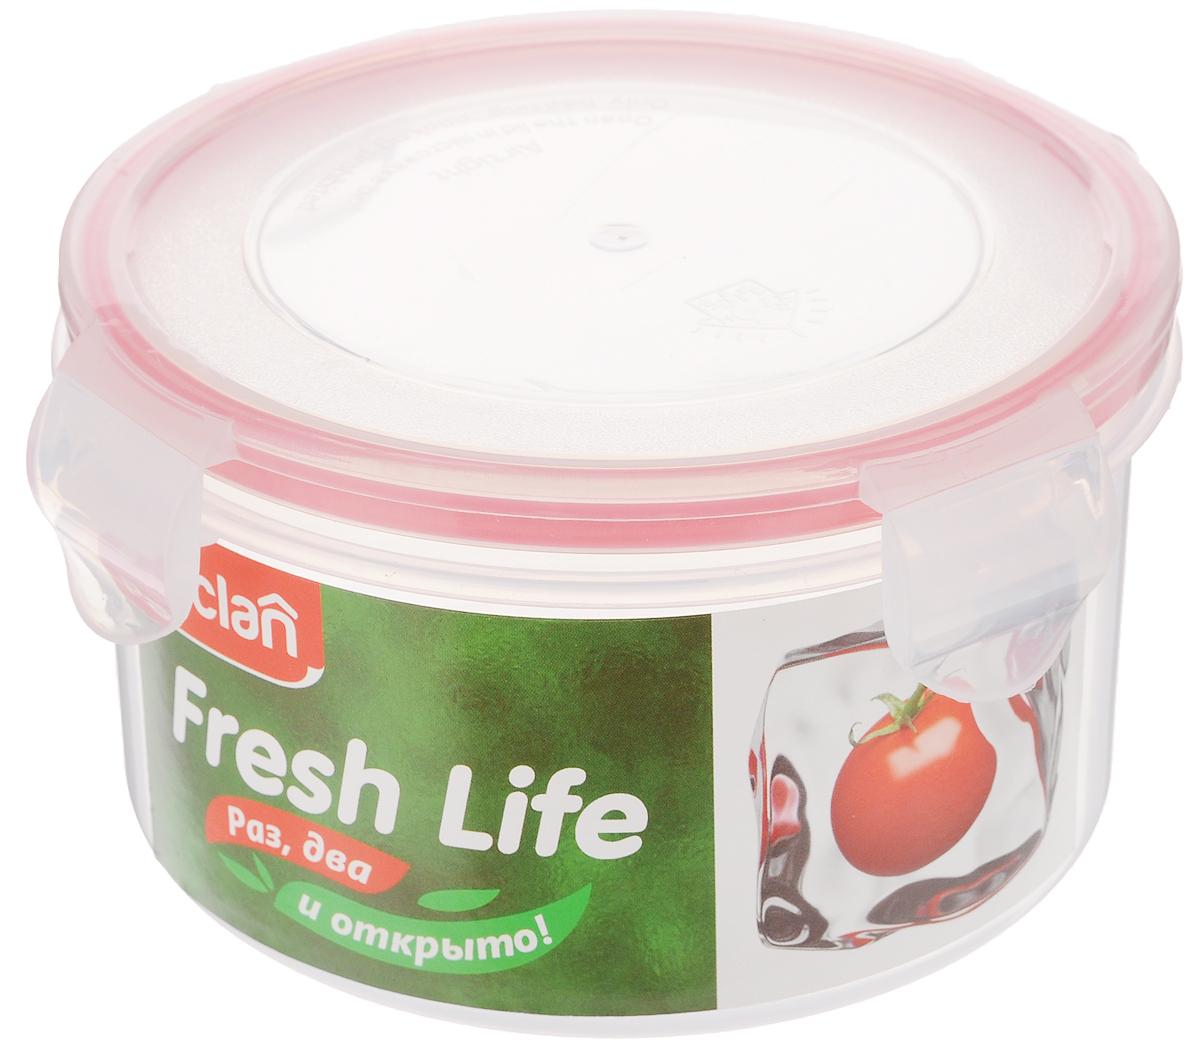 Контейнер для хранения продуктов Paclan Fresh Life, 680 мл21395599Контейнер Paclan Fresh Life, выполненный из полипропилена, предназначен для хранения, заморозки и разогрева в микроволновой печи (при снятой крышке). После использования промыть теплой водой. Пищевые контейнеры необыкновенно удобны: в них можно брать еду на работу, за город, ребенку в школу. В них также удобно хранить пищу дома. Можно мыть в посудомоечной машине.Не пригоден для приготовления пищи.